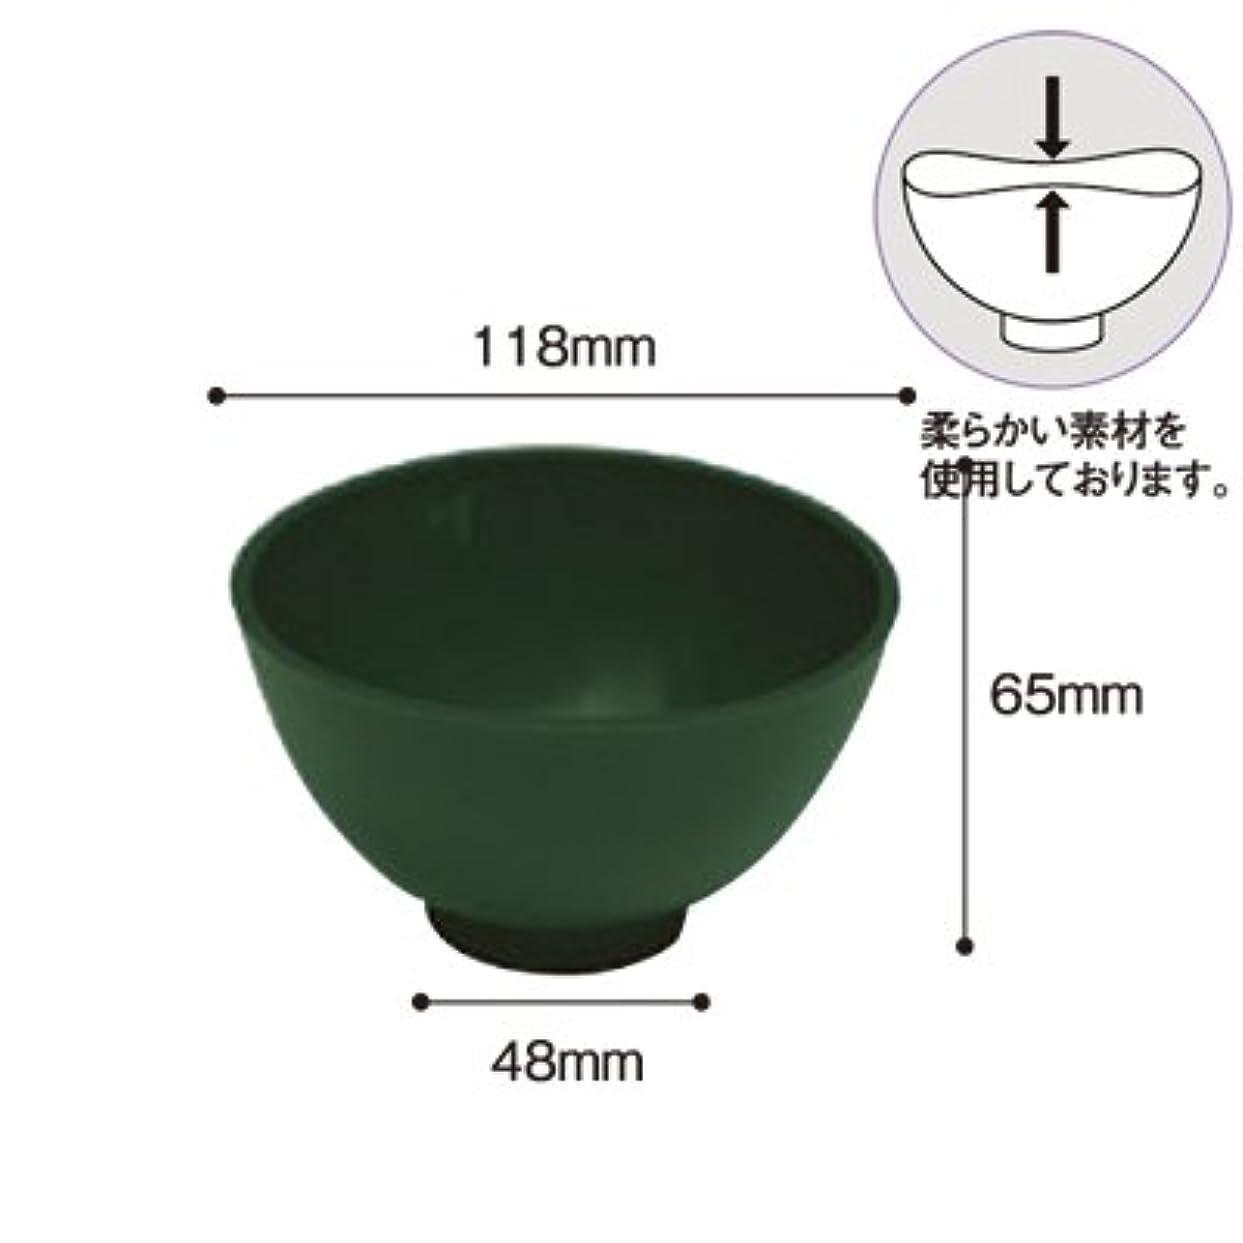 キャプテンくそー合計(ロータス)LOTUS ラバーボウル エステ サロン 割れない カップ 歯科 Mサイズ (直径:127mm)グリーン